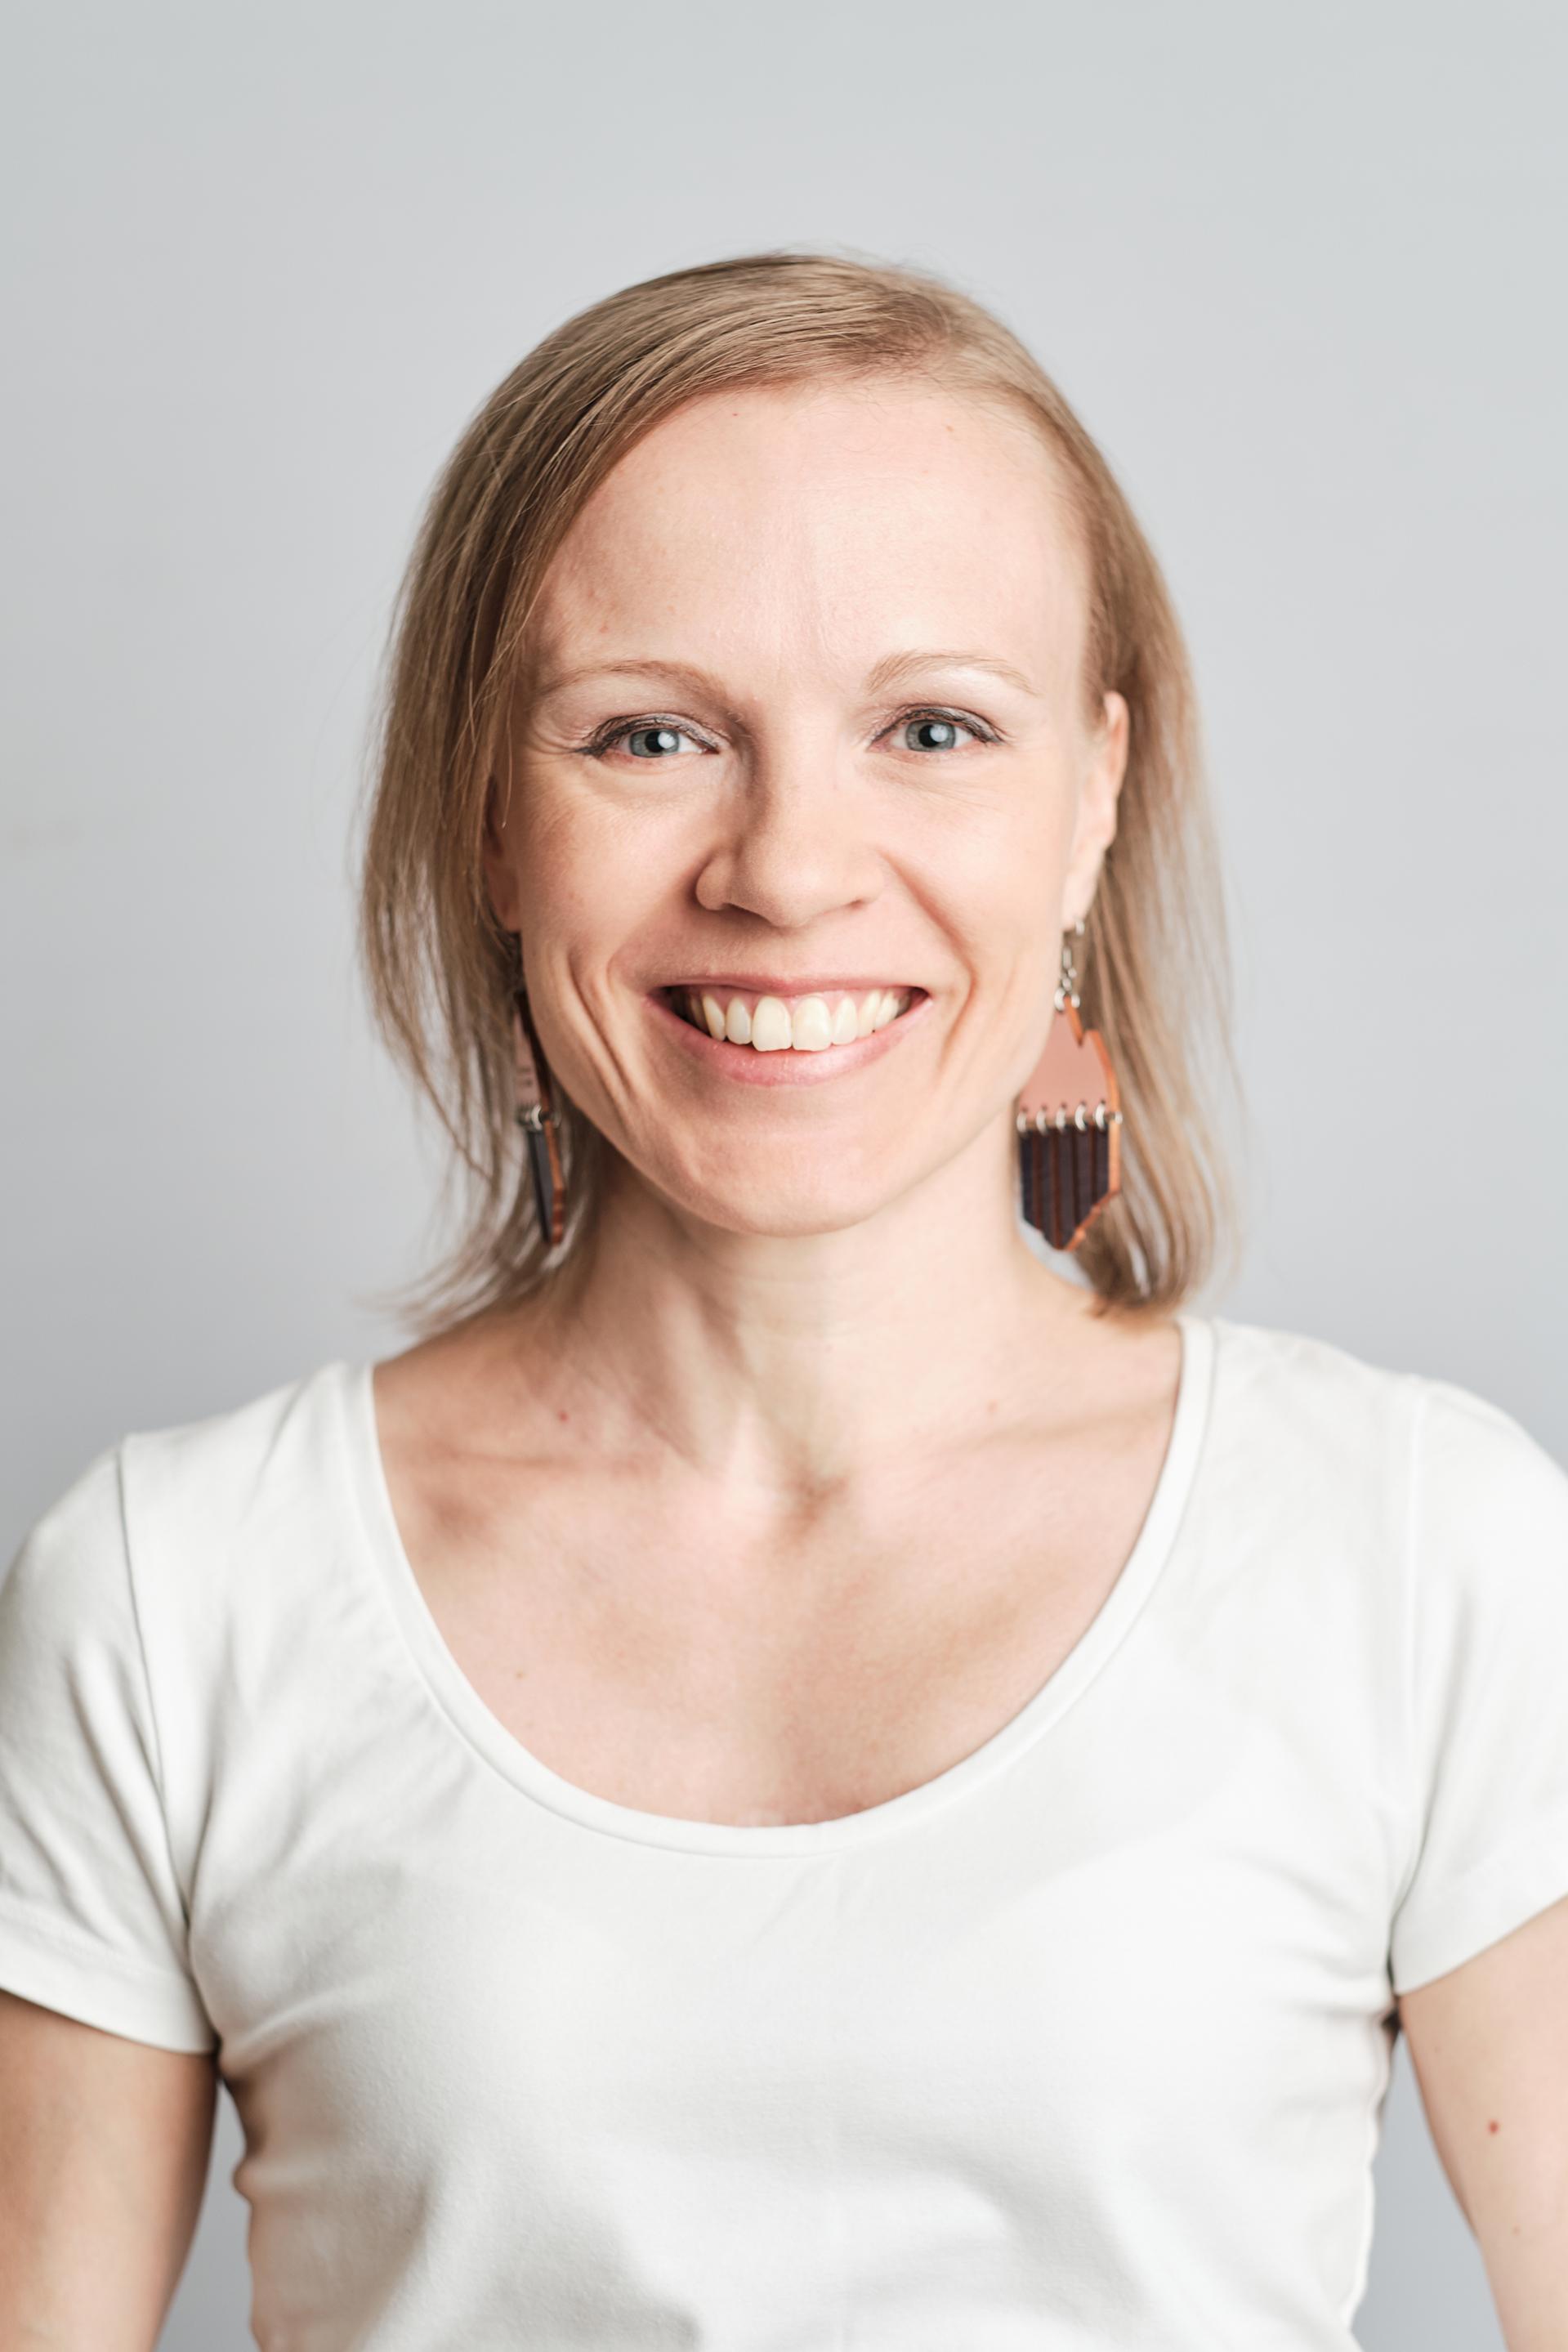 Laura Hiippavuori